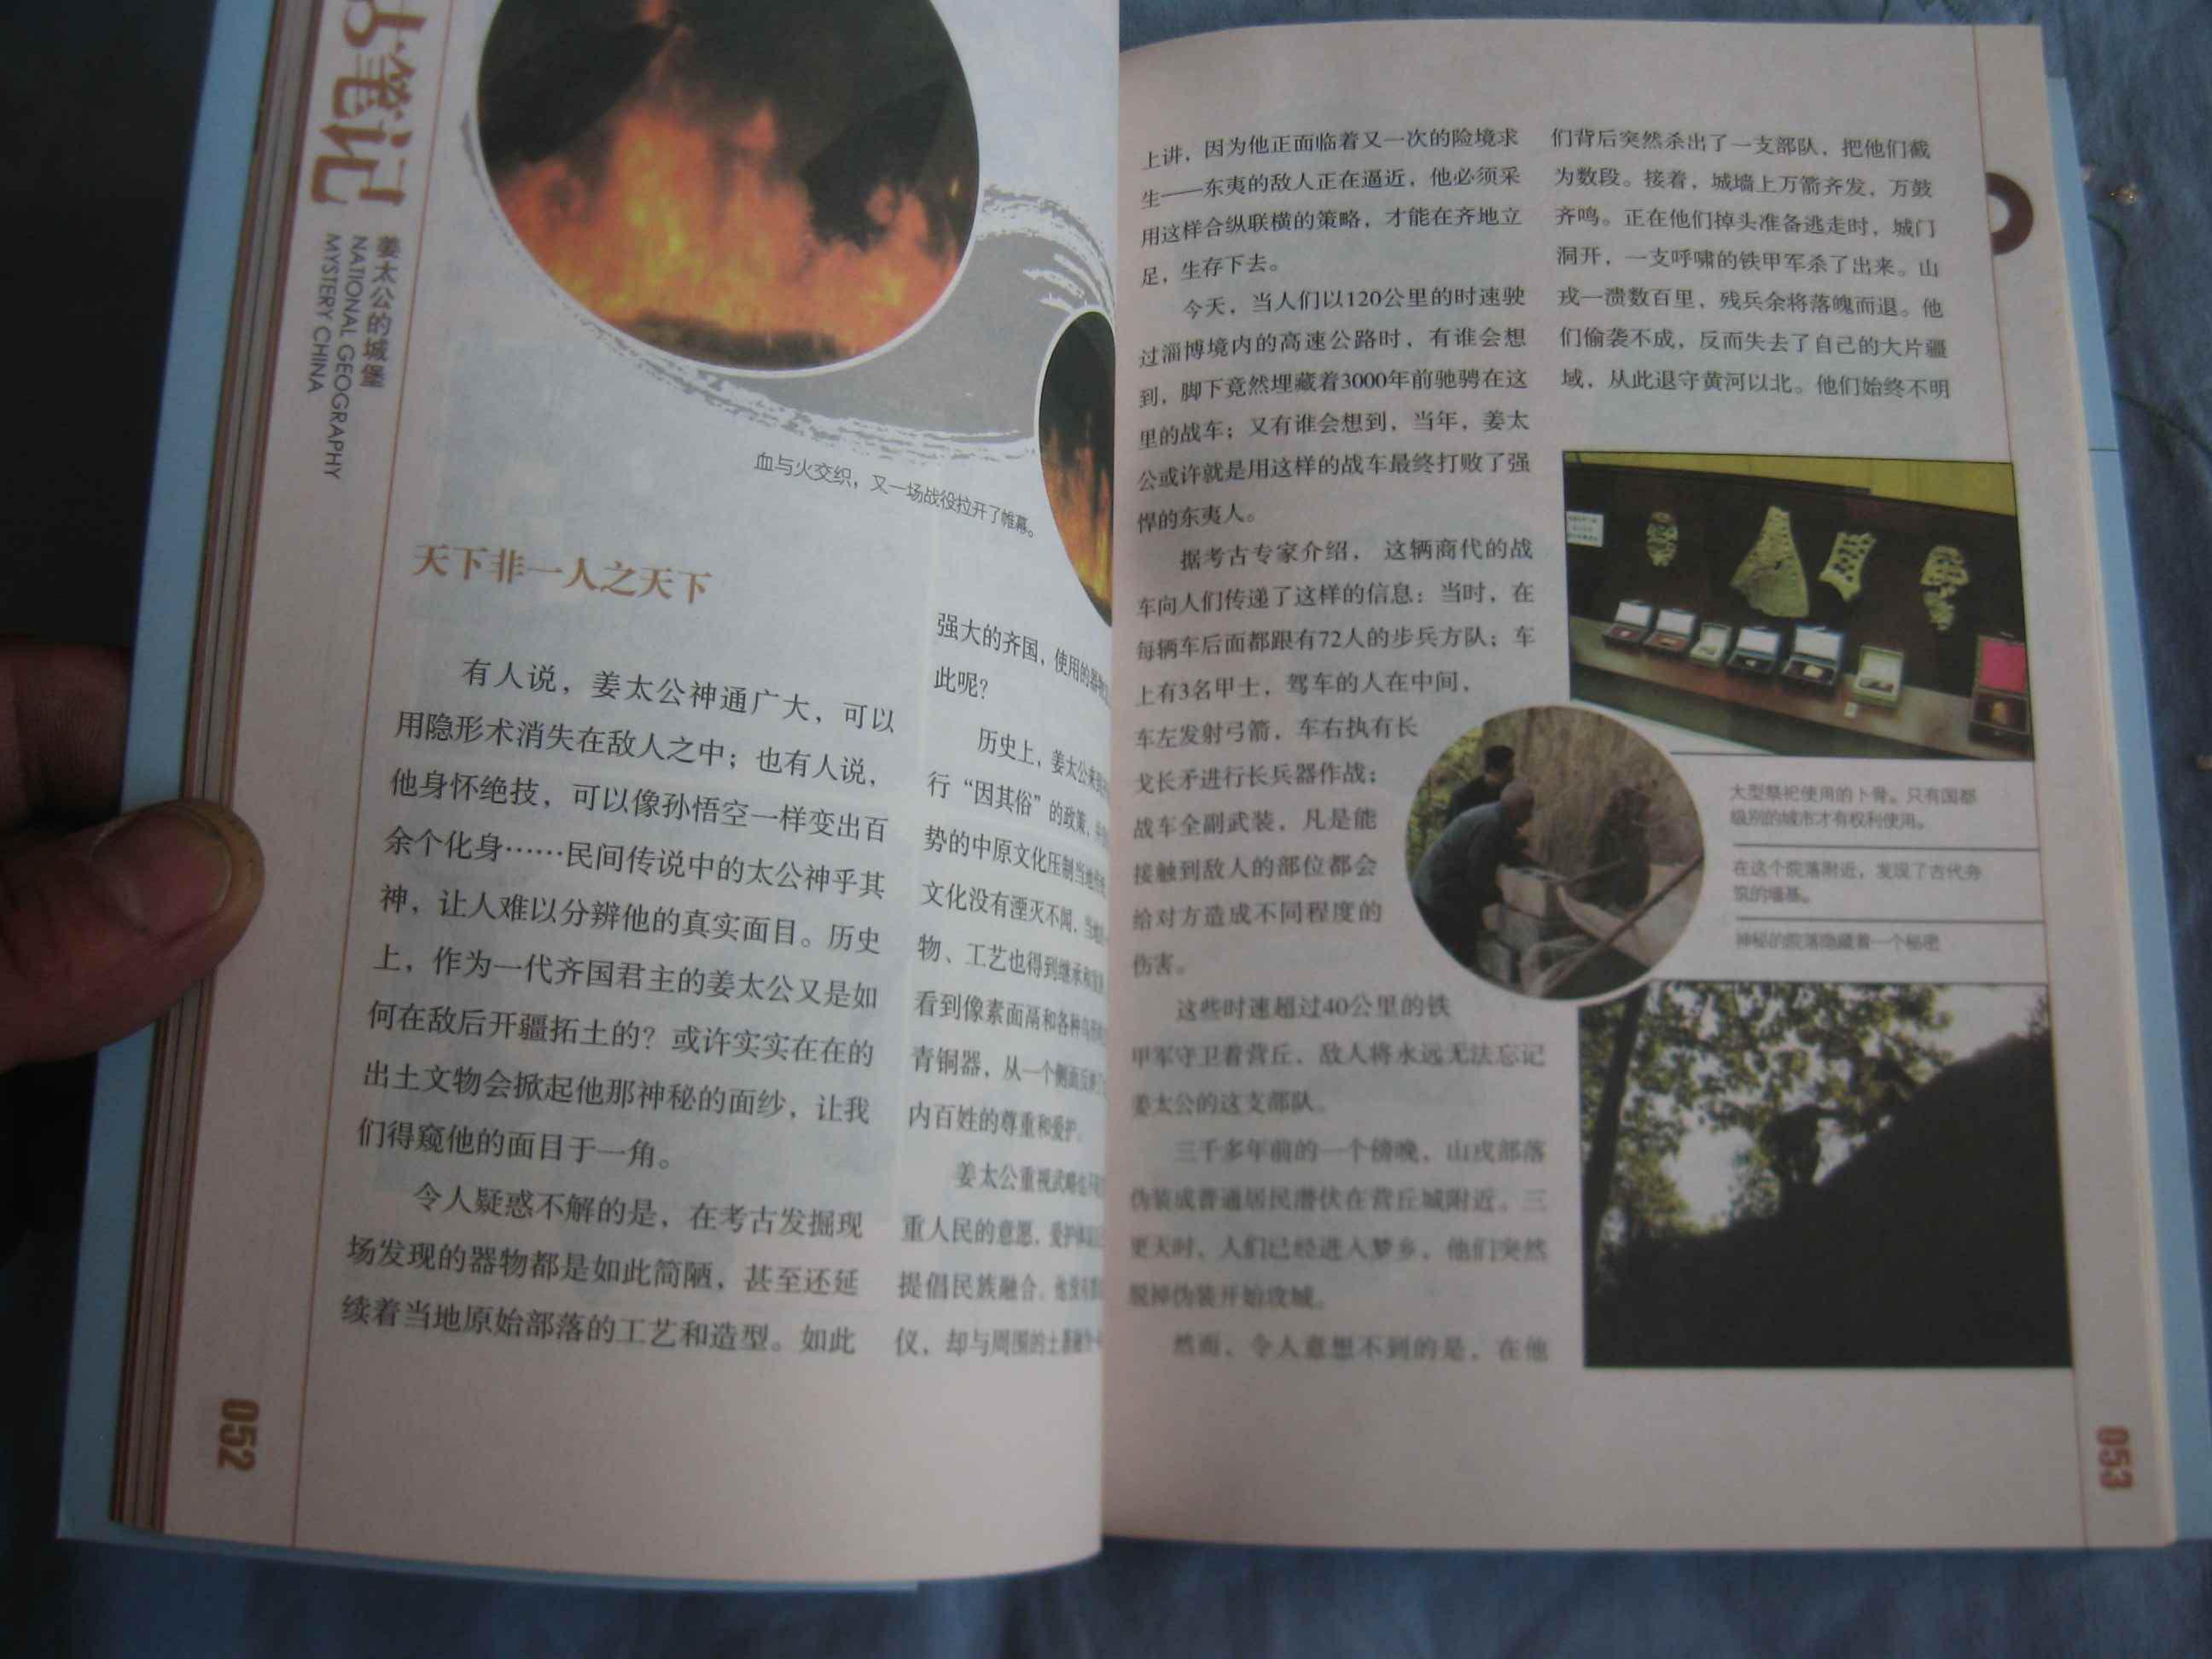 【图】v攻略攻略(1-4-2)_笔记:10.00_网上书店暑期出游价格图片